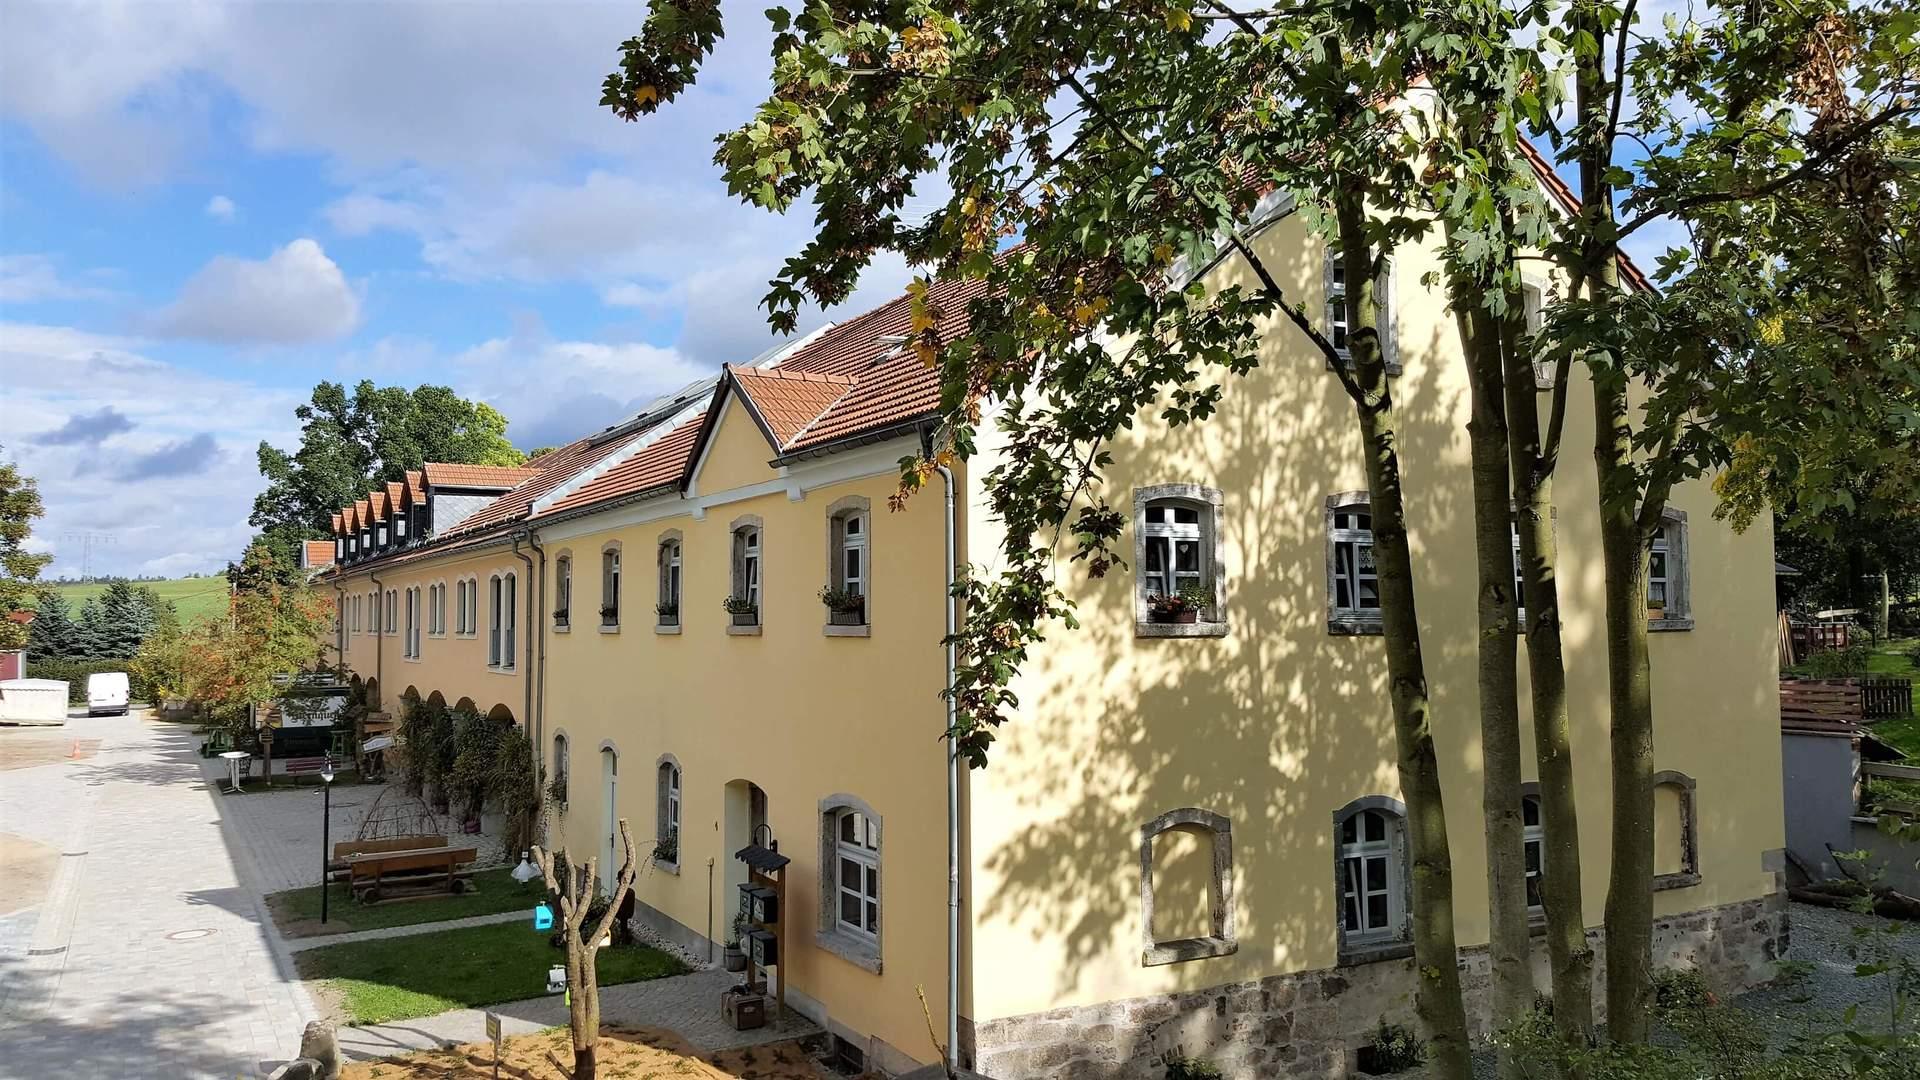 Rittergut Adlershof zu Oberlauterbach - Blick zur Hofstub © Jens Reiher